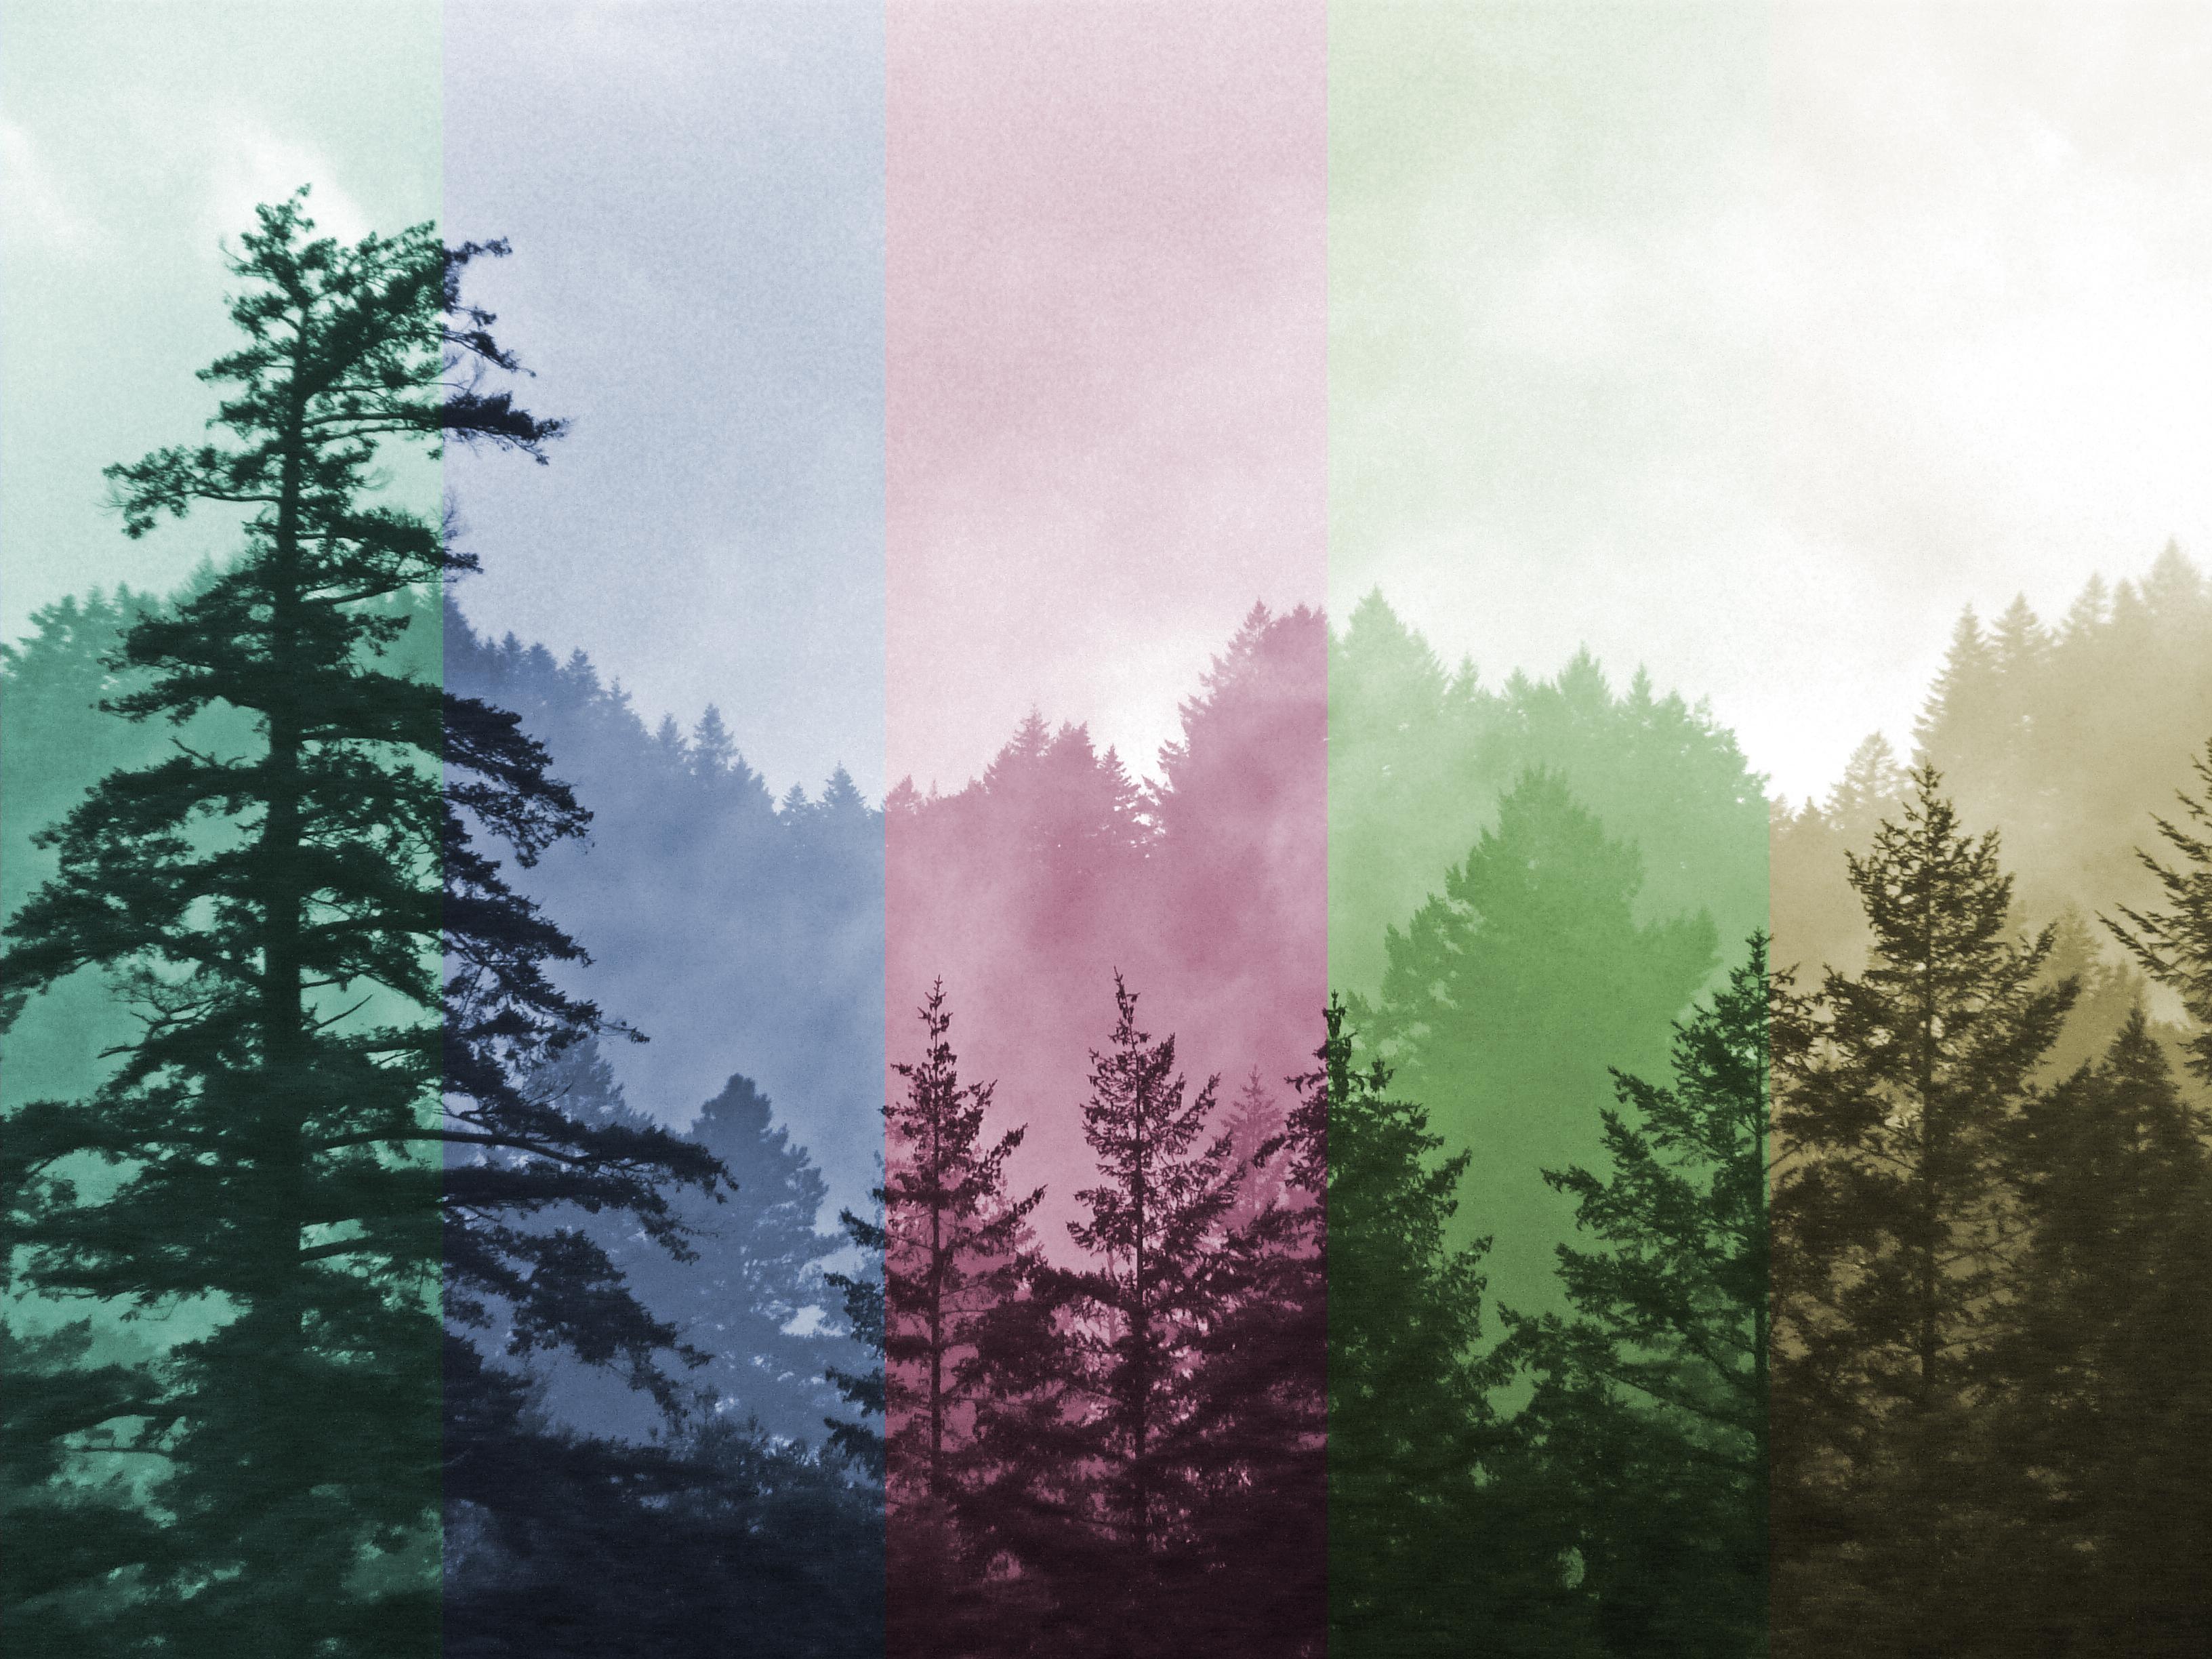 efecto fotográfico de colores resultado